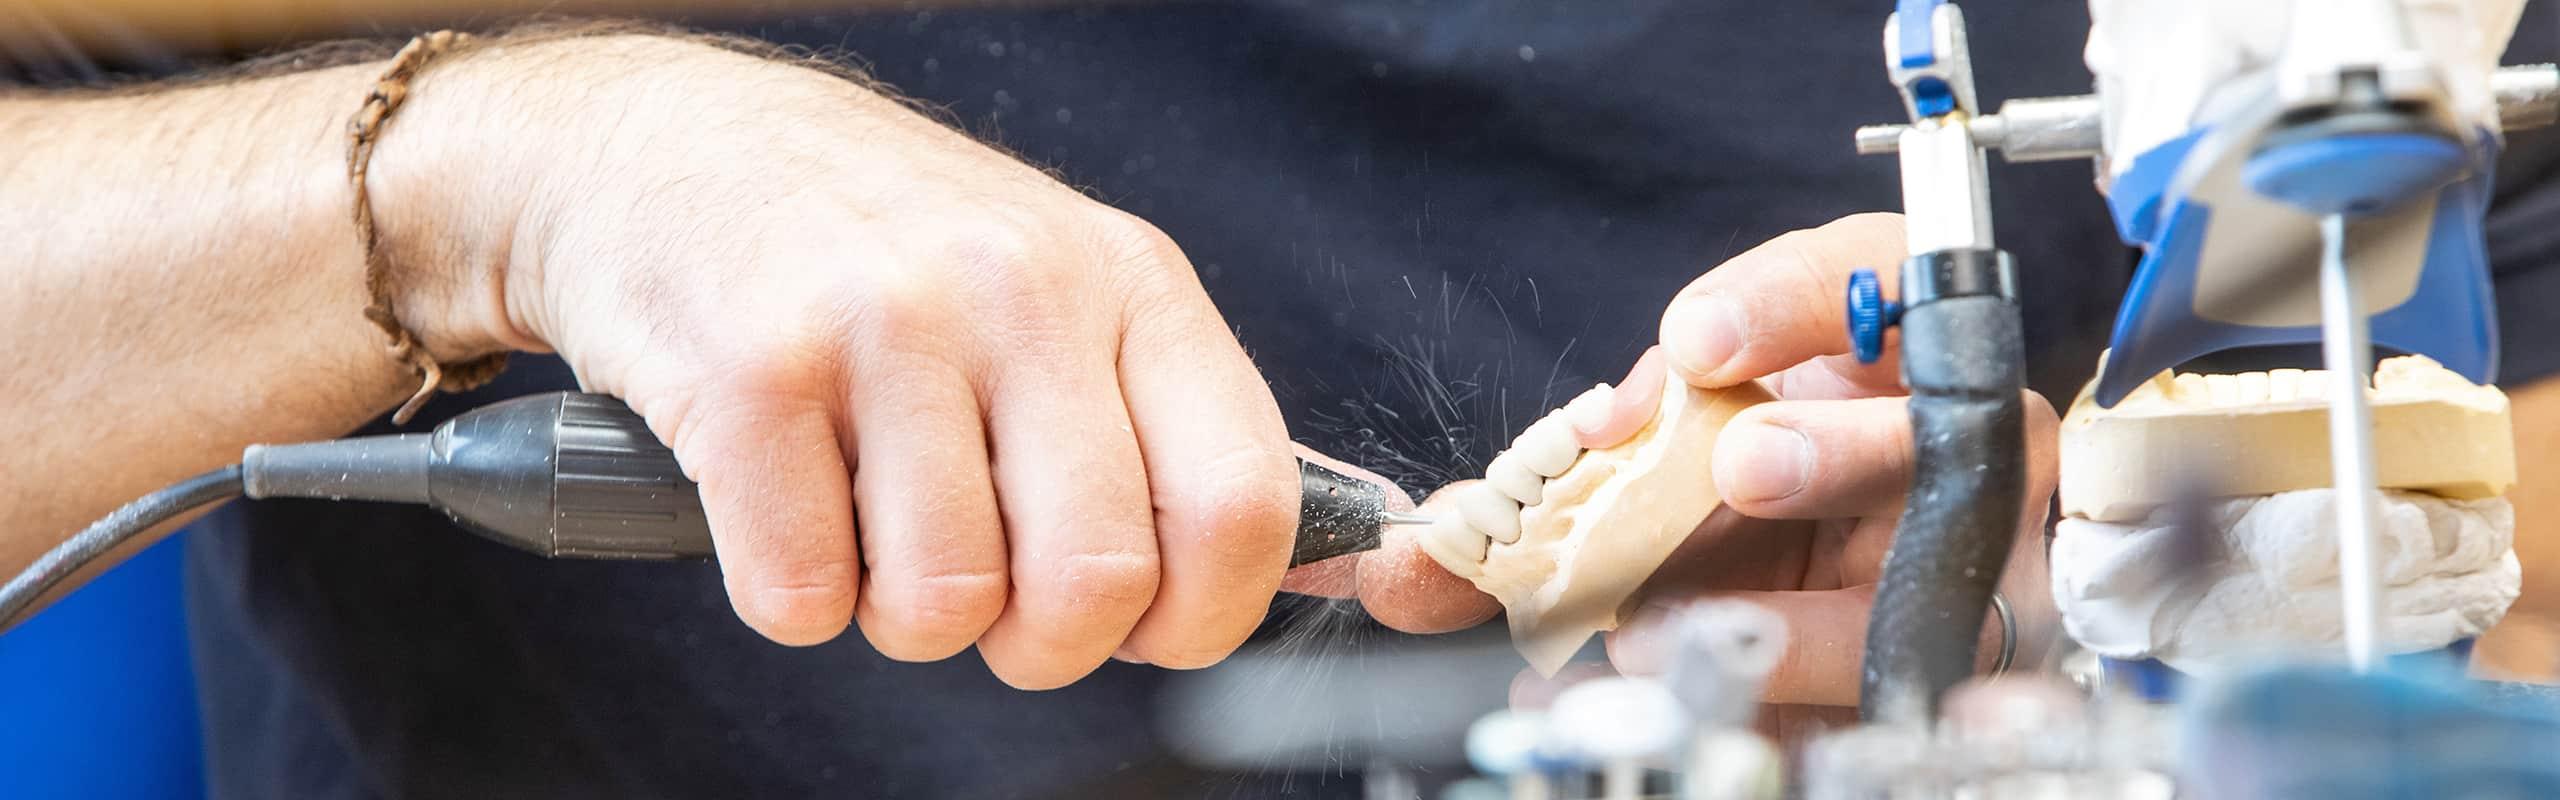 schleifen einer zahn prothese in der zahnarztpraxis von fausten und hahn